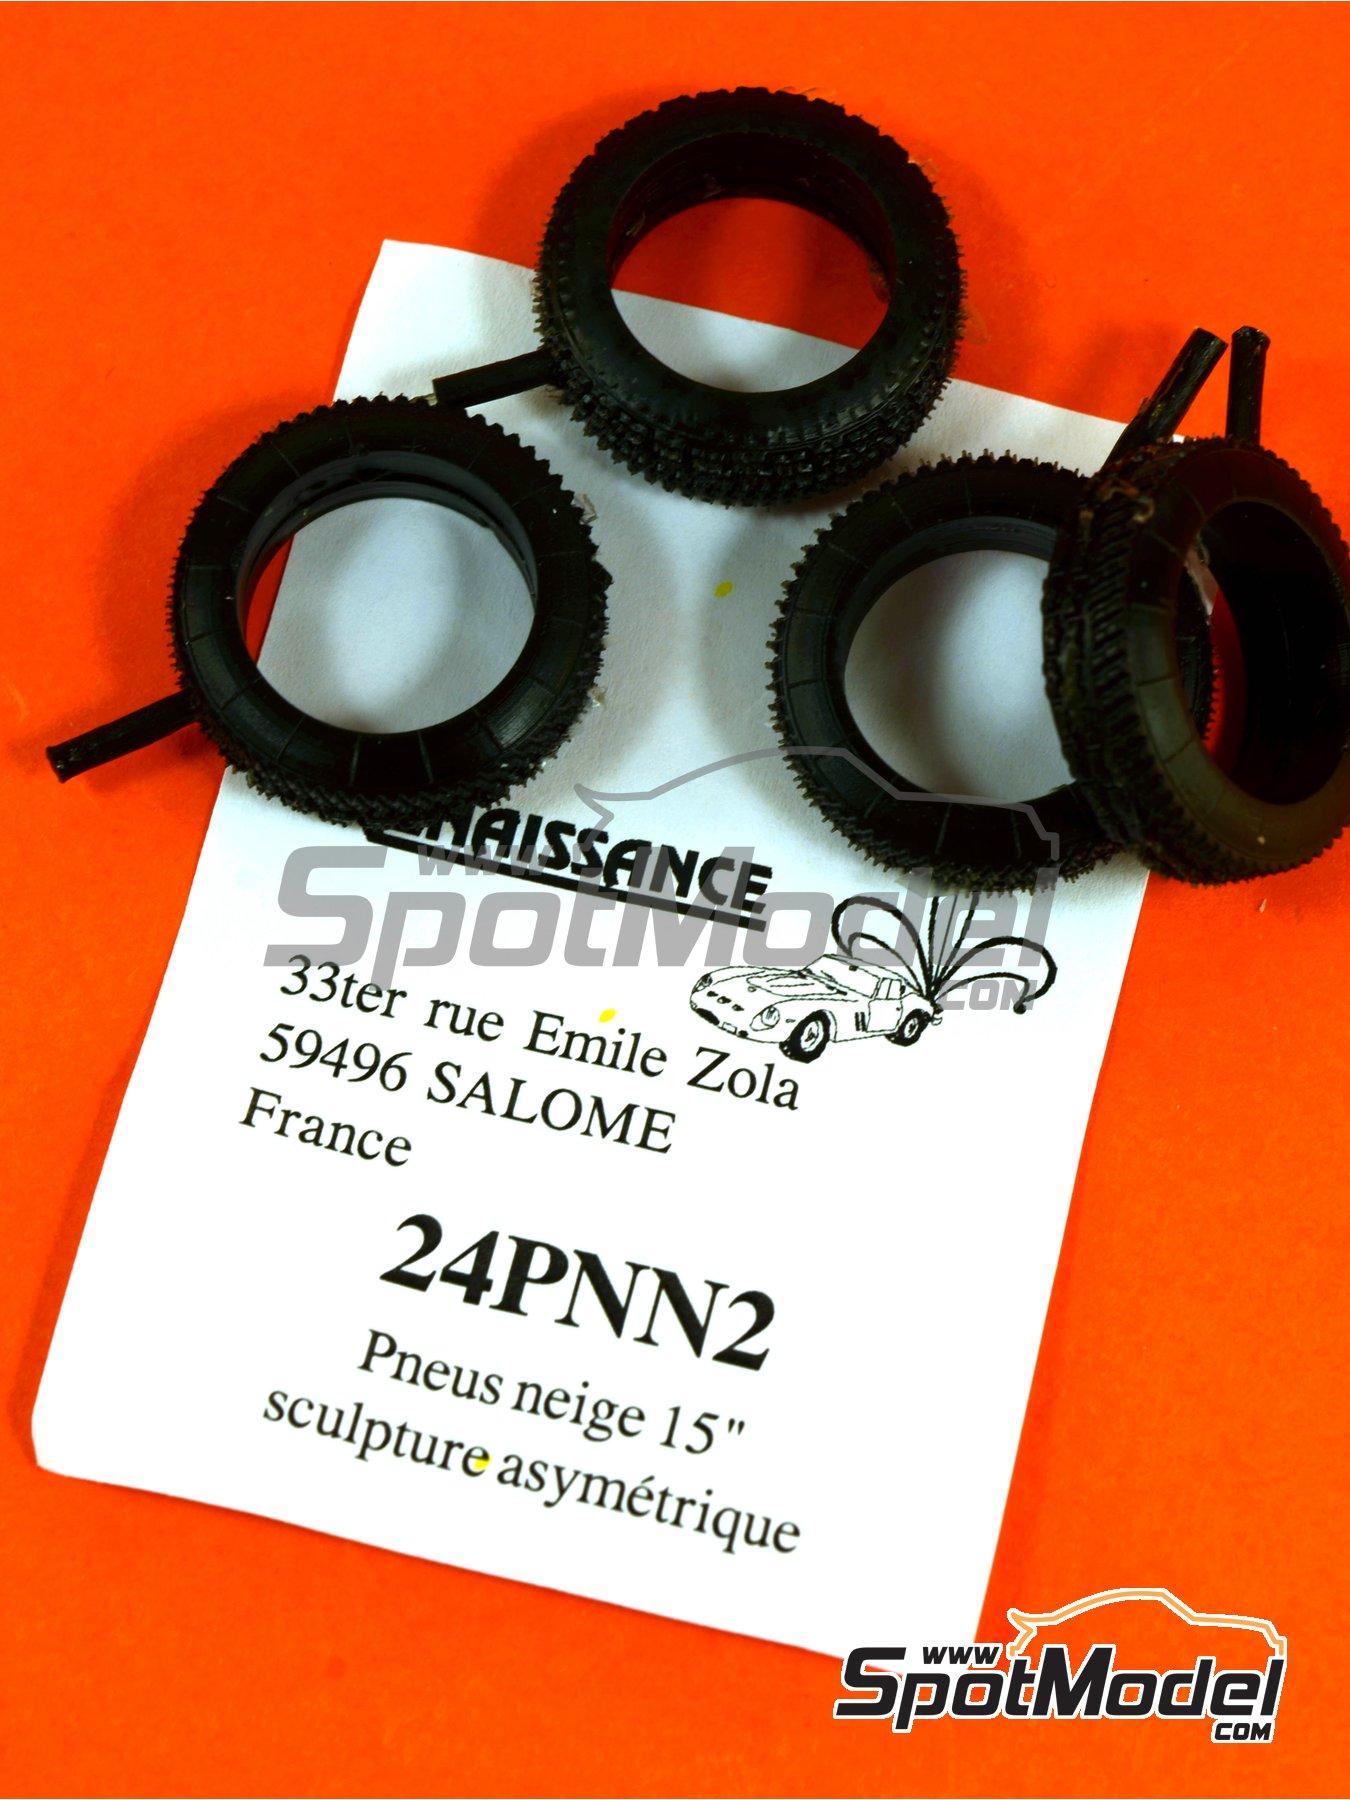 Neumáticos asimétricos de nieve de 15 pulgadas   Neumáticos en escala1/24 fabricado por Renaissance Models (ref.24PNN2) image